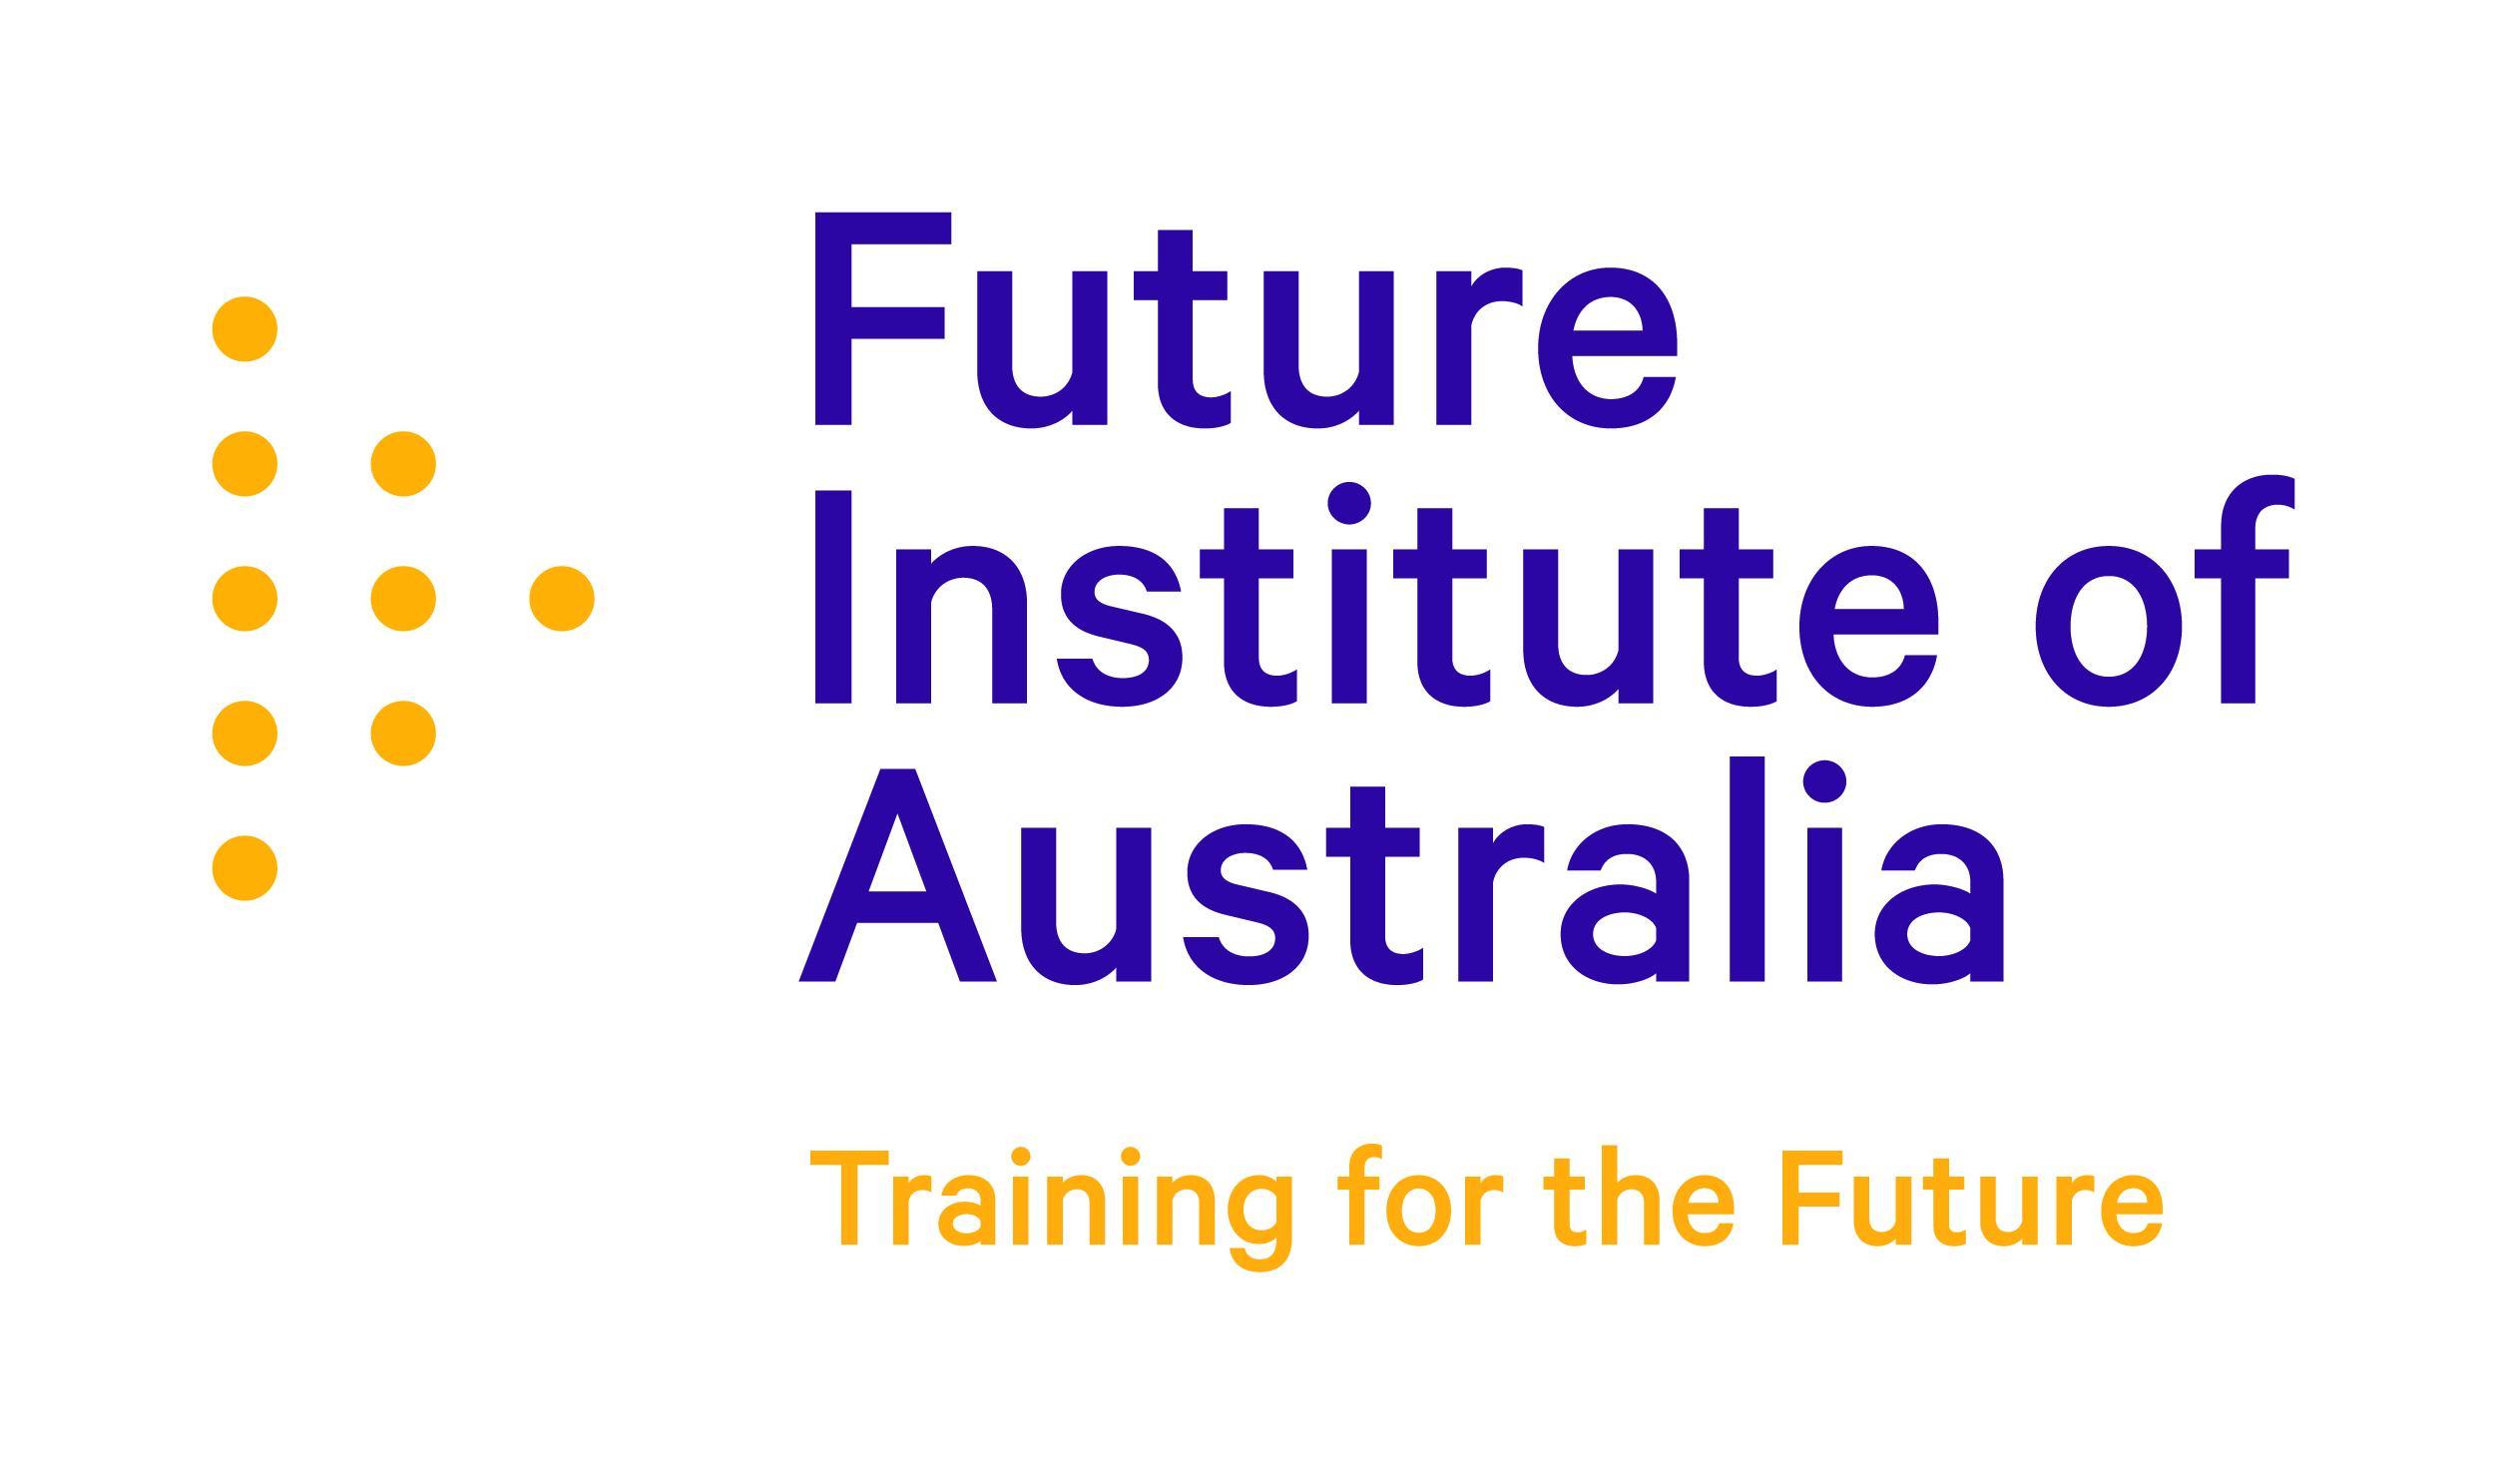 Future Institute of Australia